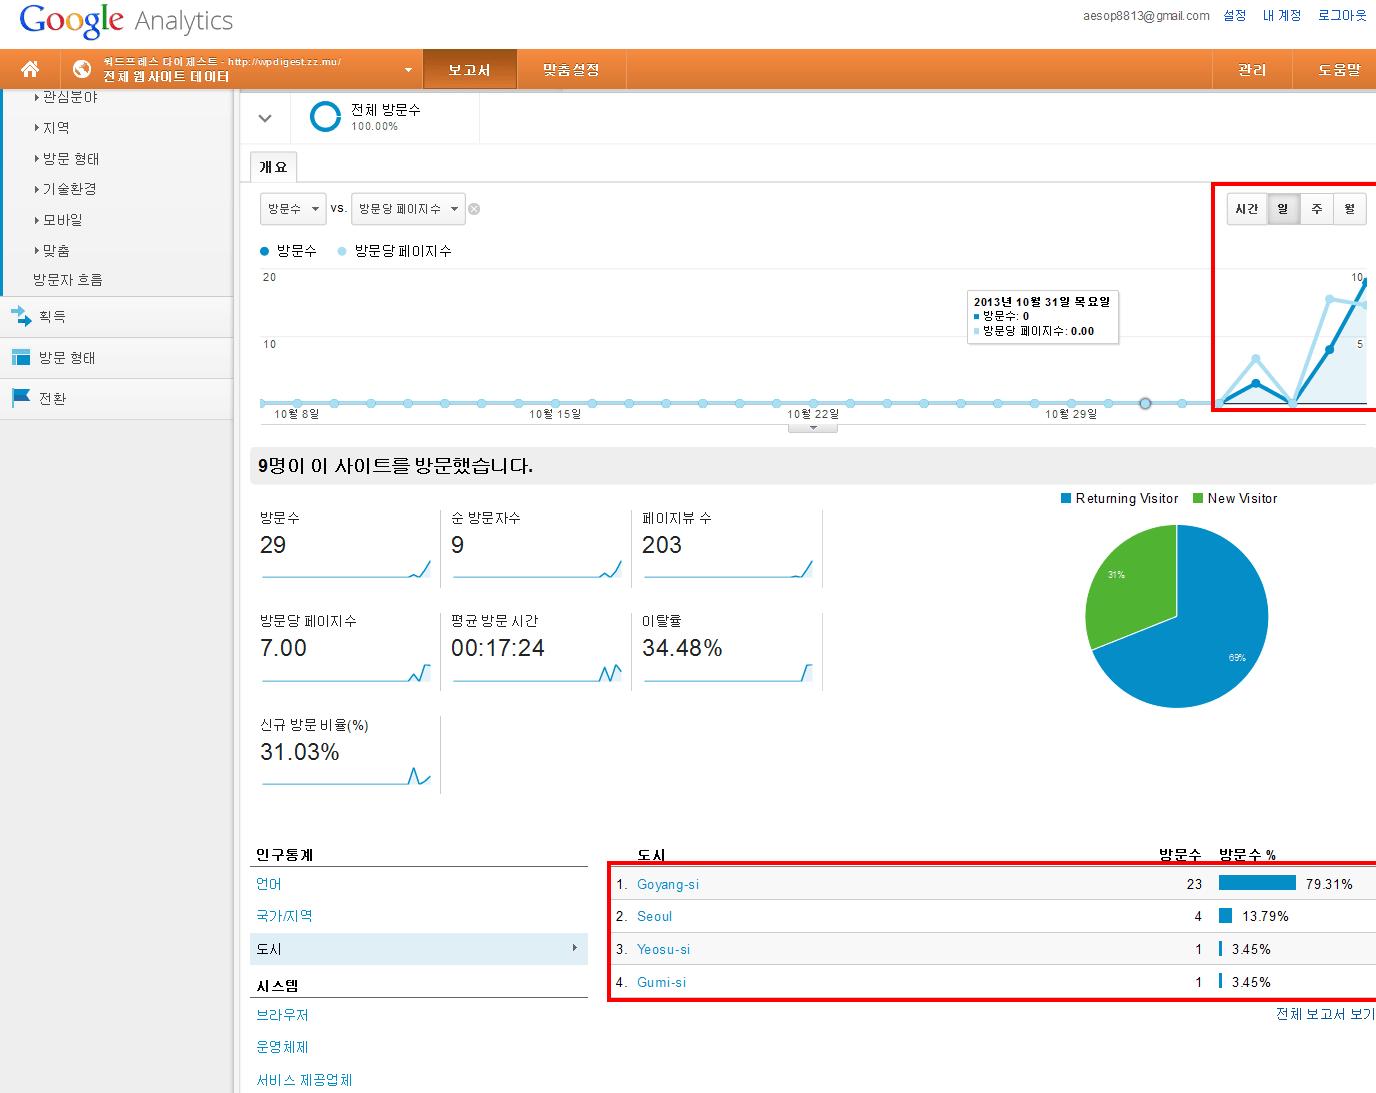 Google-Analytics-statistics-for-wpdigest